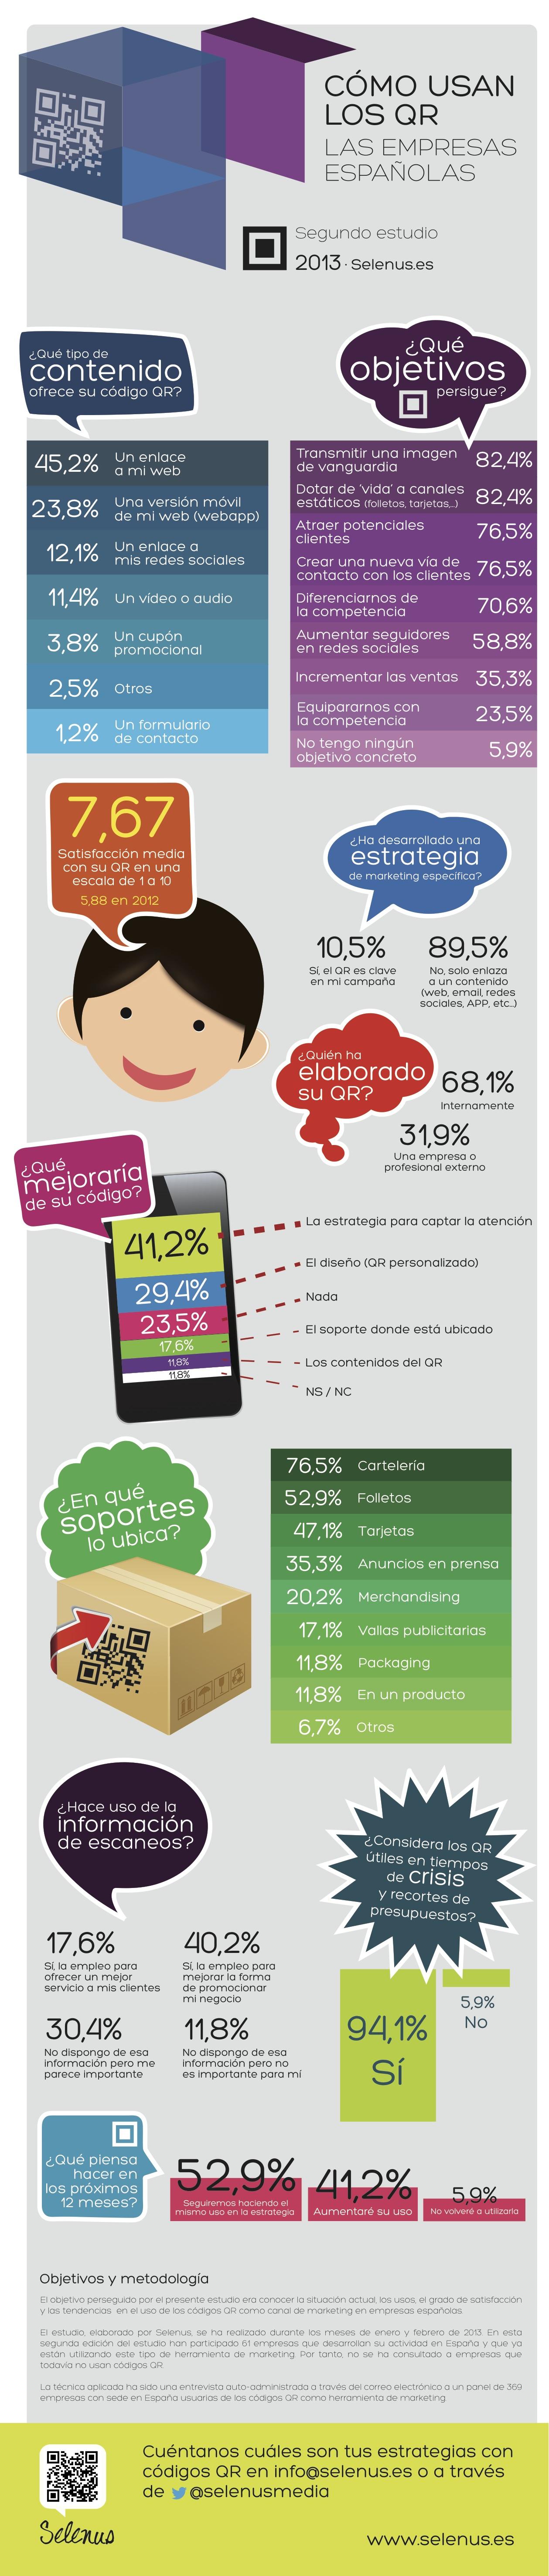 infografico_QR_Espana_2013-1